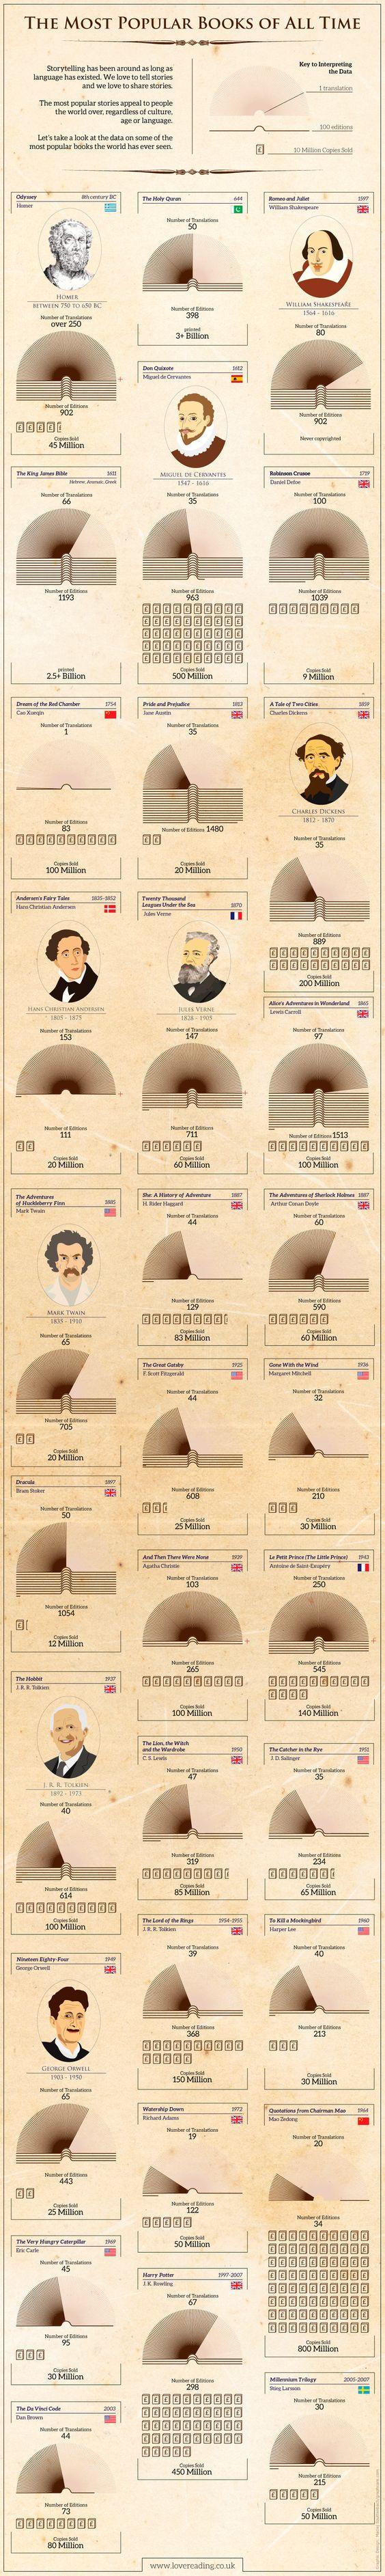 Este infográfico nos conduce por el curso incierto de los libros impresos y la buena fortuna que inesperadamente tuvieron unos cuantos